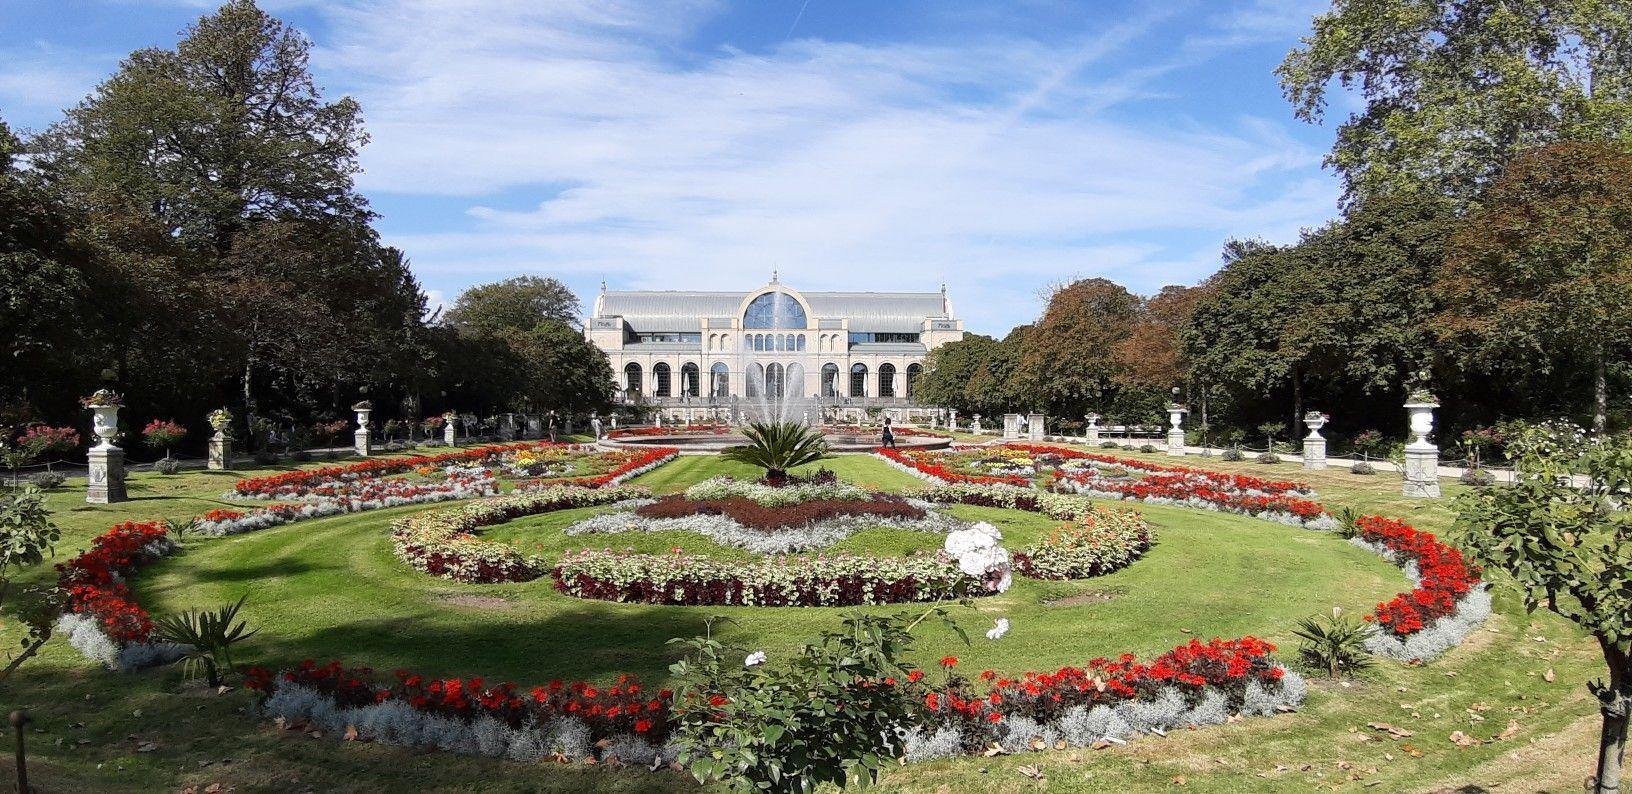 Flora Und Botanischer Garten Koln Keulen